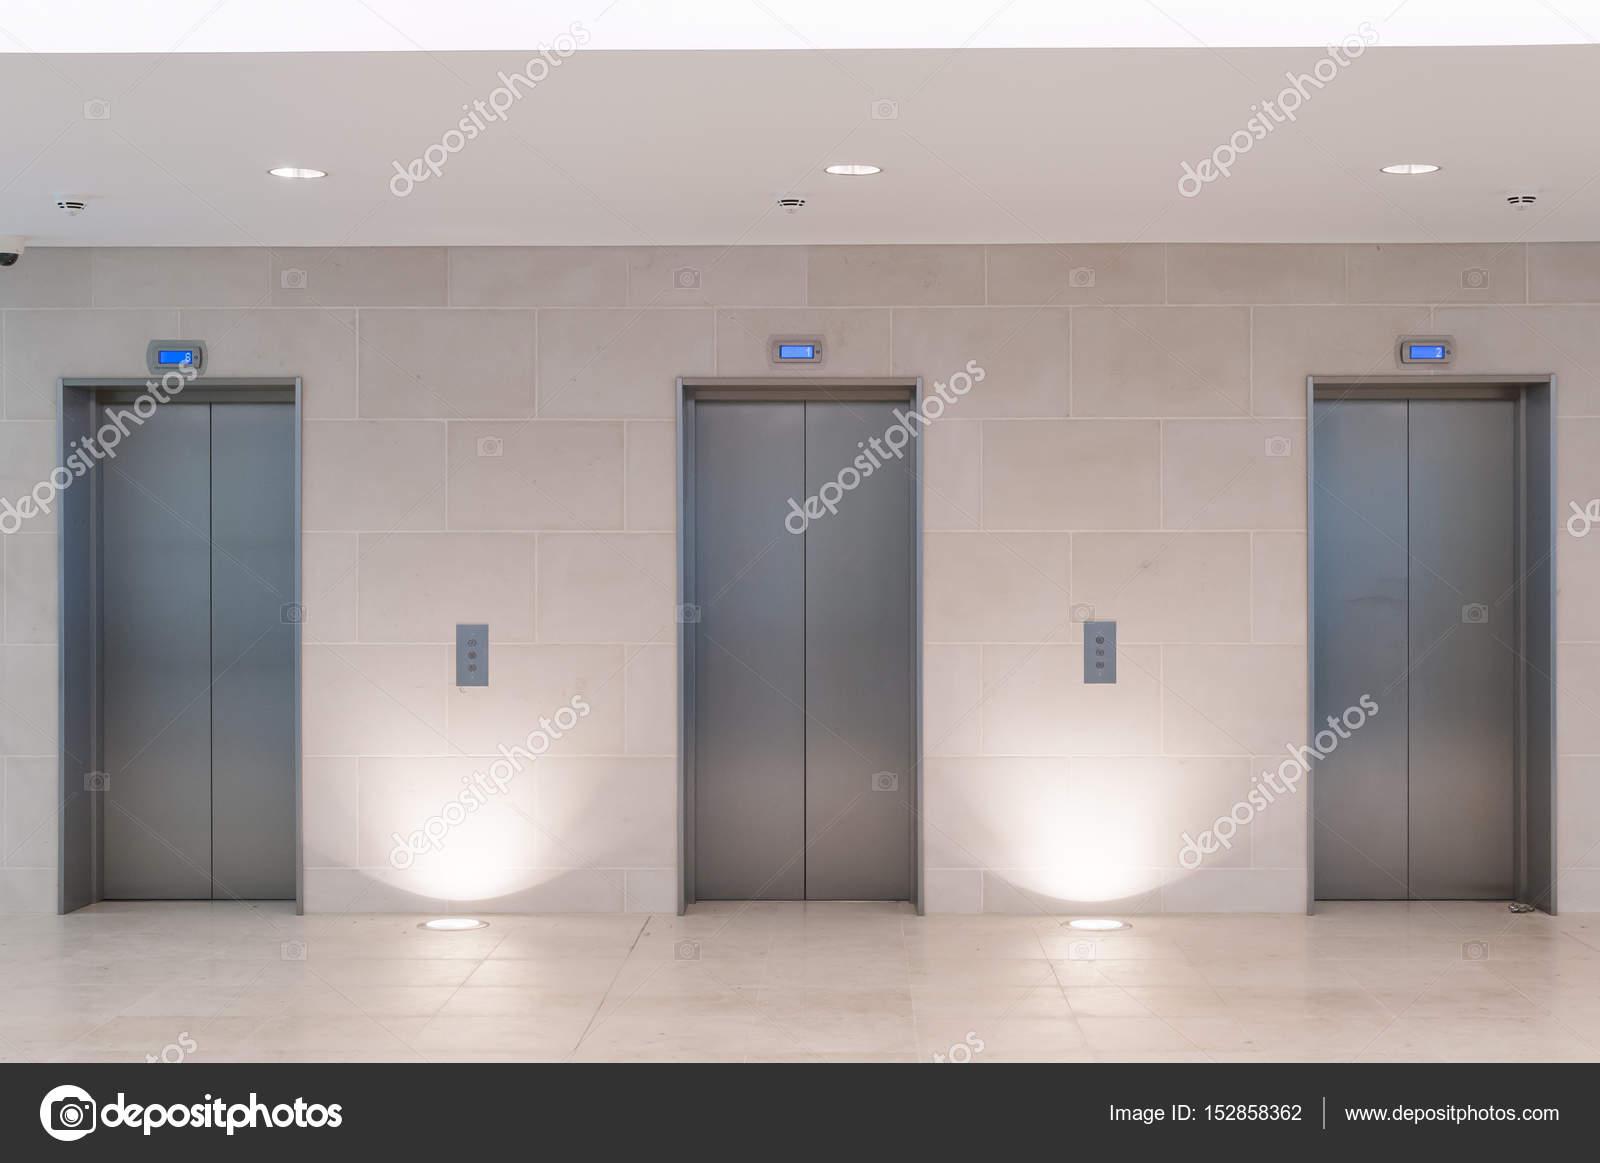 Three lift doors in office building \u2014 Stock Photo & Three lift doors in office building \u2014 Stock Photo © stock ...